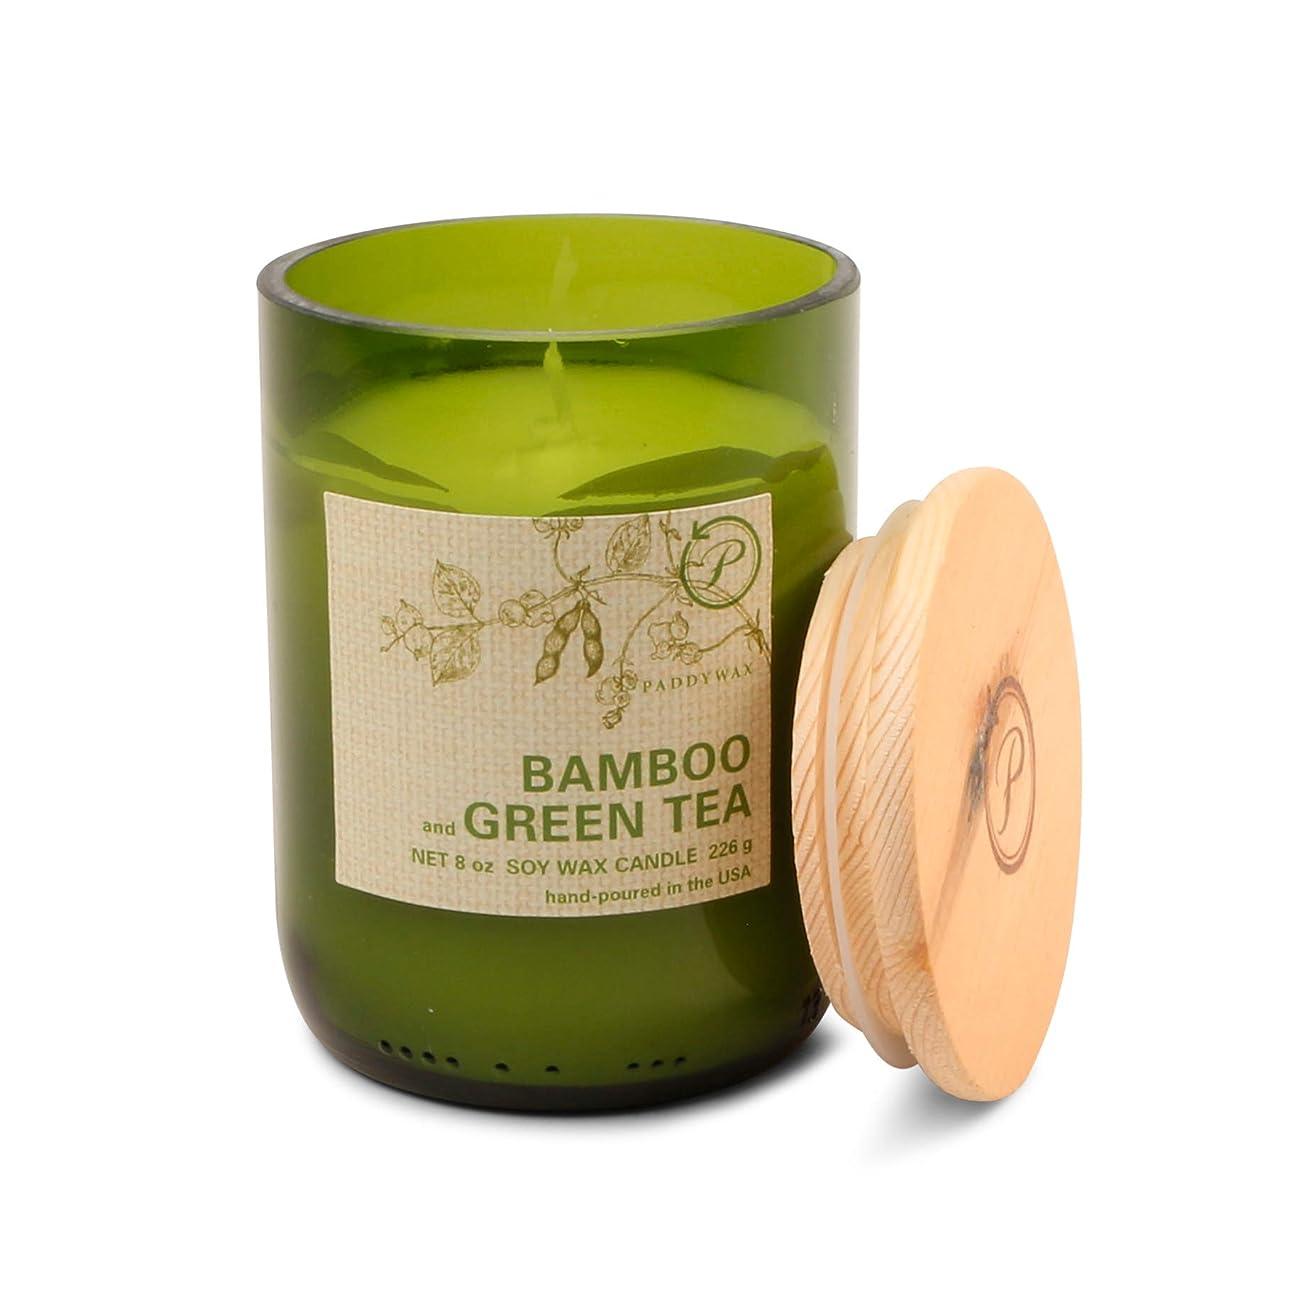 容疑者民間人地中海パディワックス(PADDYWAX) エコ?グリーン キャンドル(ECO GREEN Candle) バンブー & グリーンティー(BAMBOO and GREEN TEA)